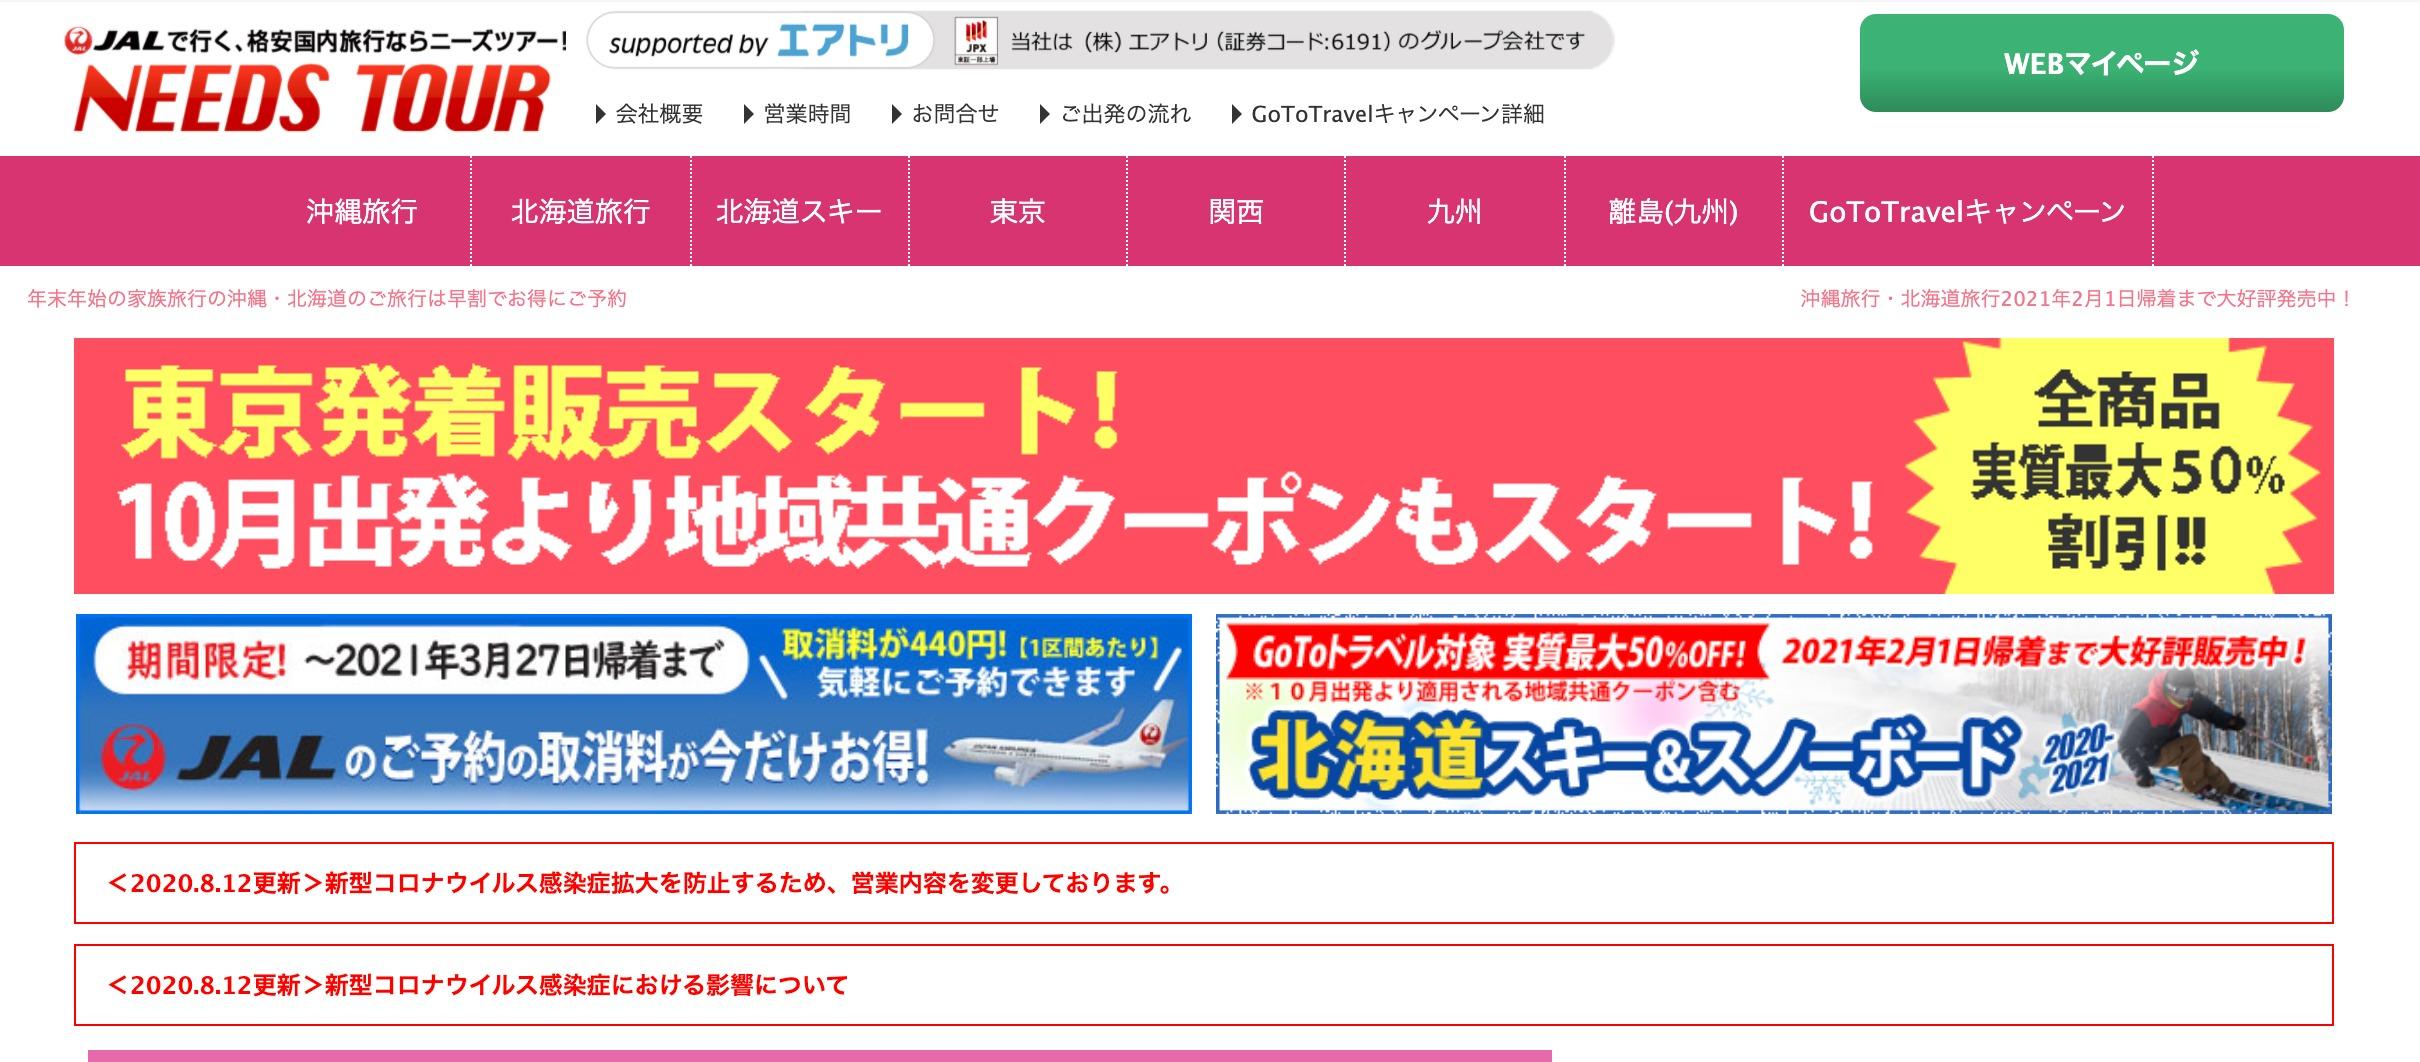 【GoToトラベル】JALで行く!格安国内旅行ならニーズツアーでお得に行こう!